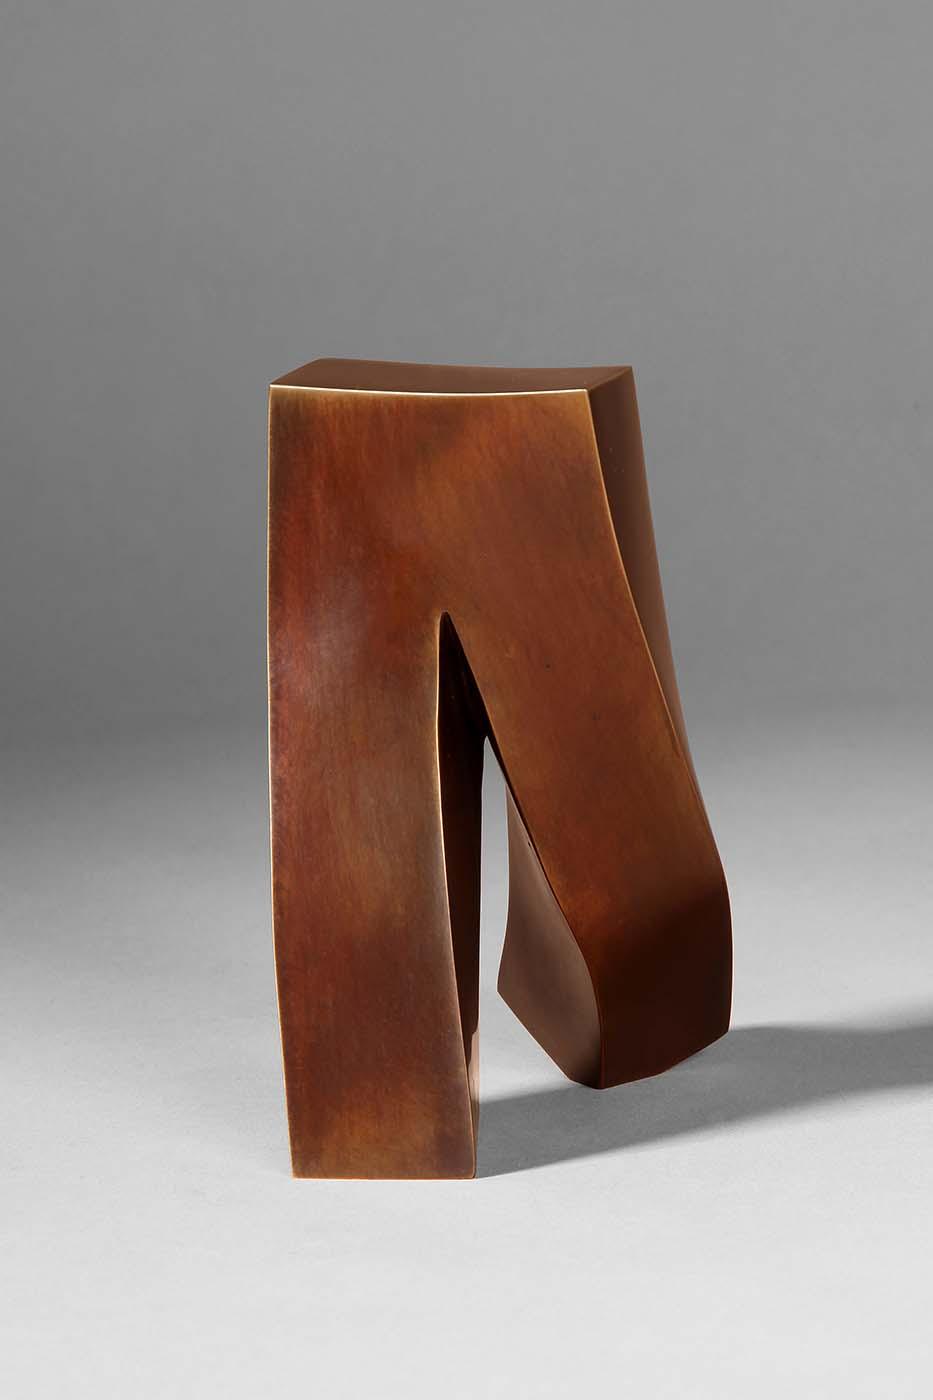 Kleiner Schritt, 2011, Bronze, 13,5 x 11,5 x 7,5 cm (01)